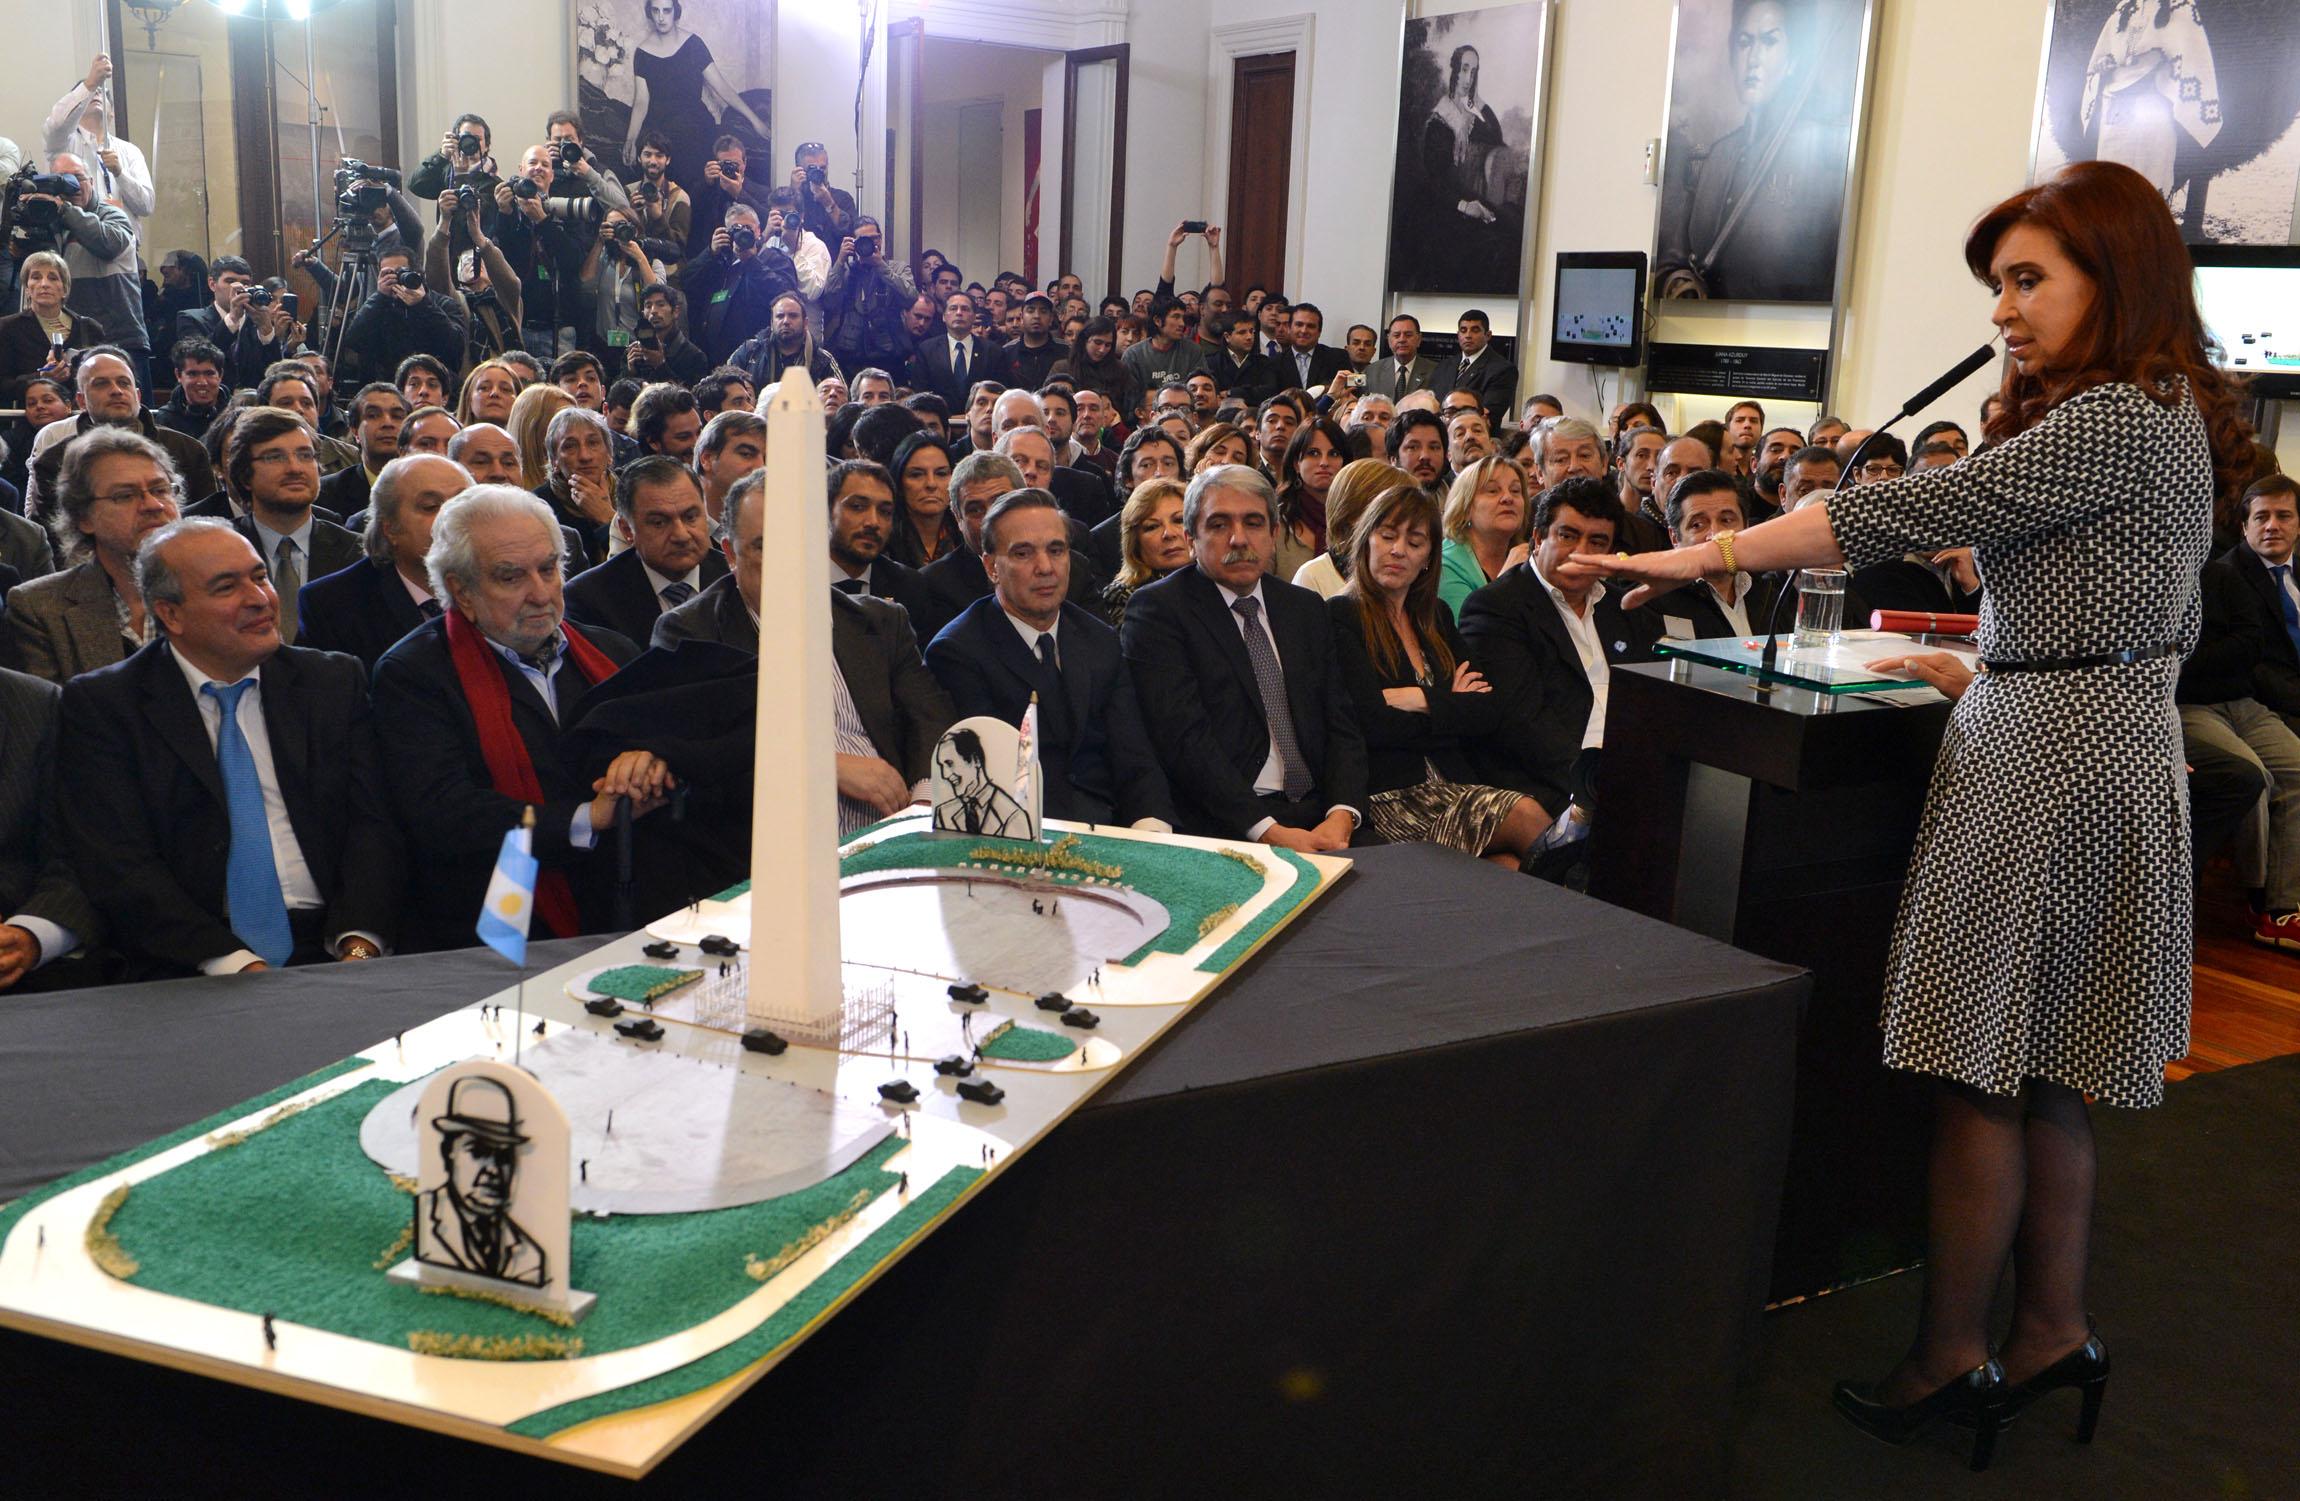 Homenaje de Cristina Kirchner a Pern e Yrigoyen